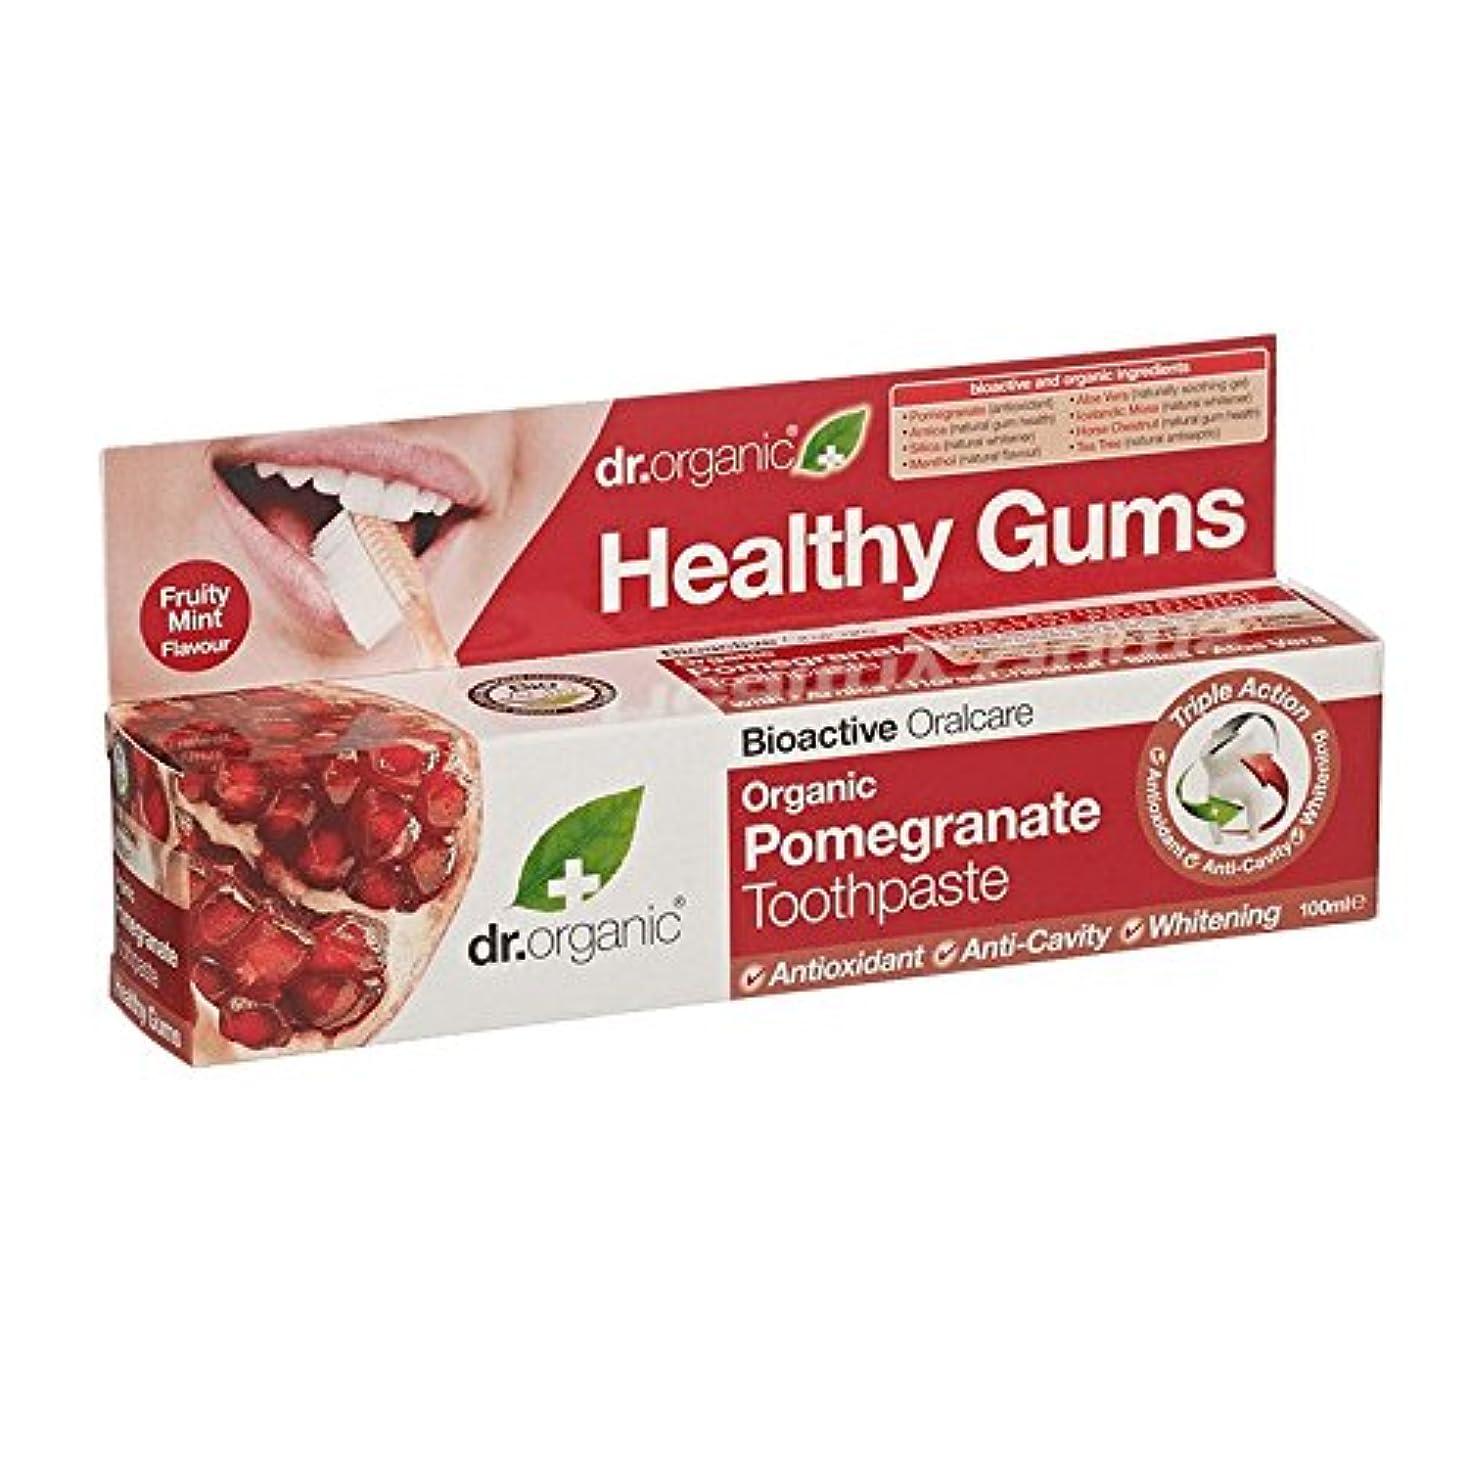 メンタリティプラスいわゆるDr有機ザクロ歯磨き粉 - Dr Organic Pomegranate Toothpaste (Dr Organic) [並行輸入品]